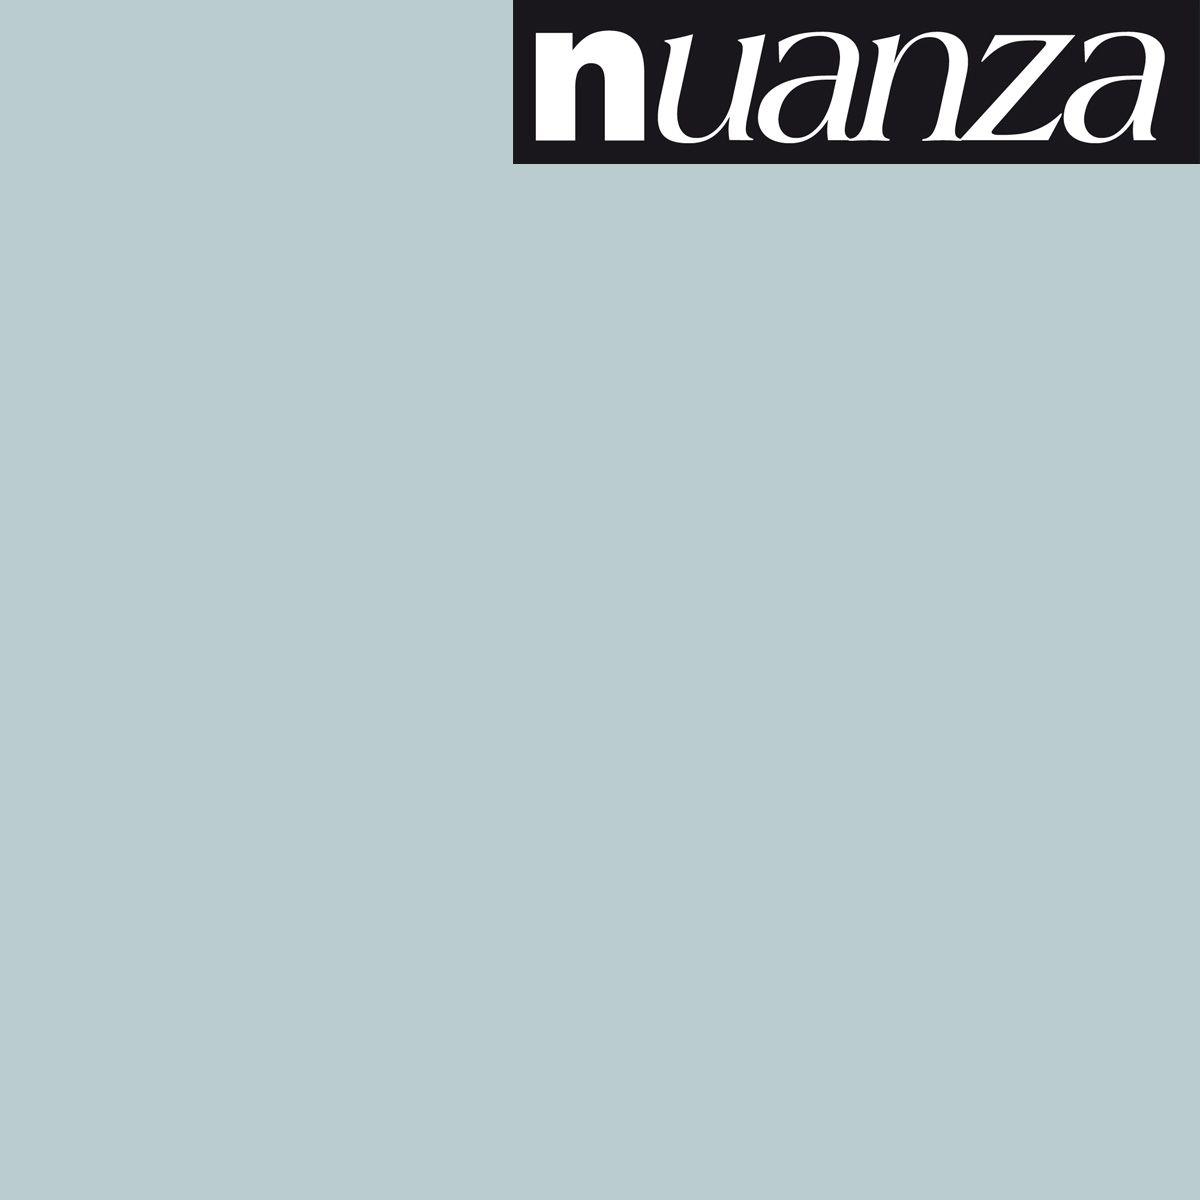 Peinture Nuanza satin monocouche polaire 2.5l